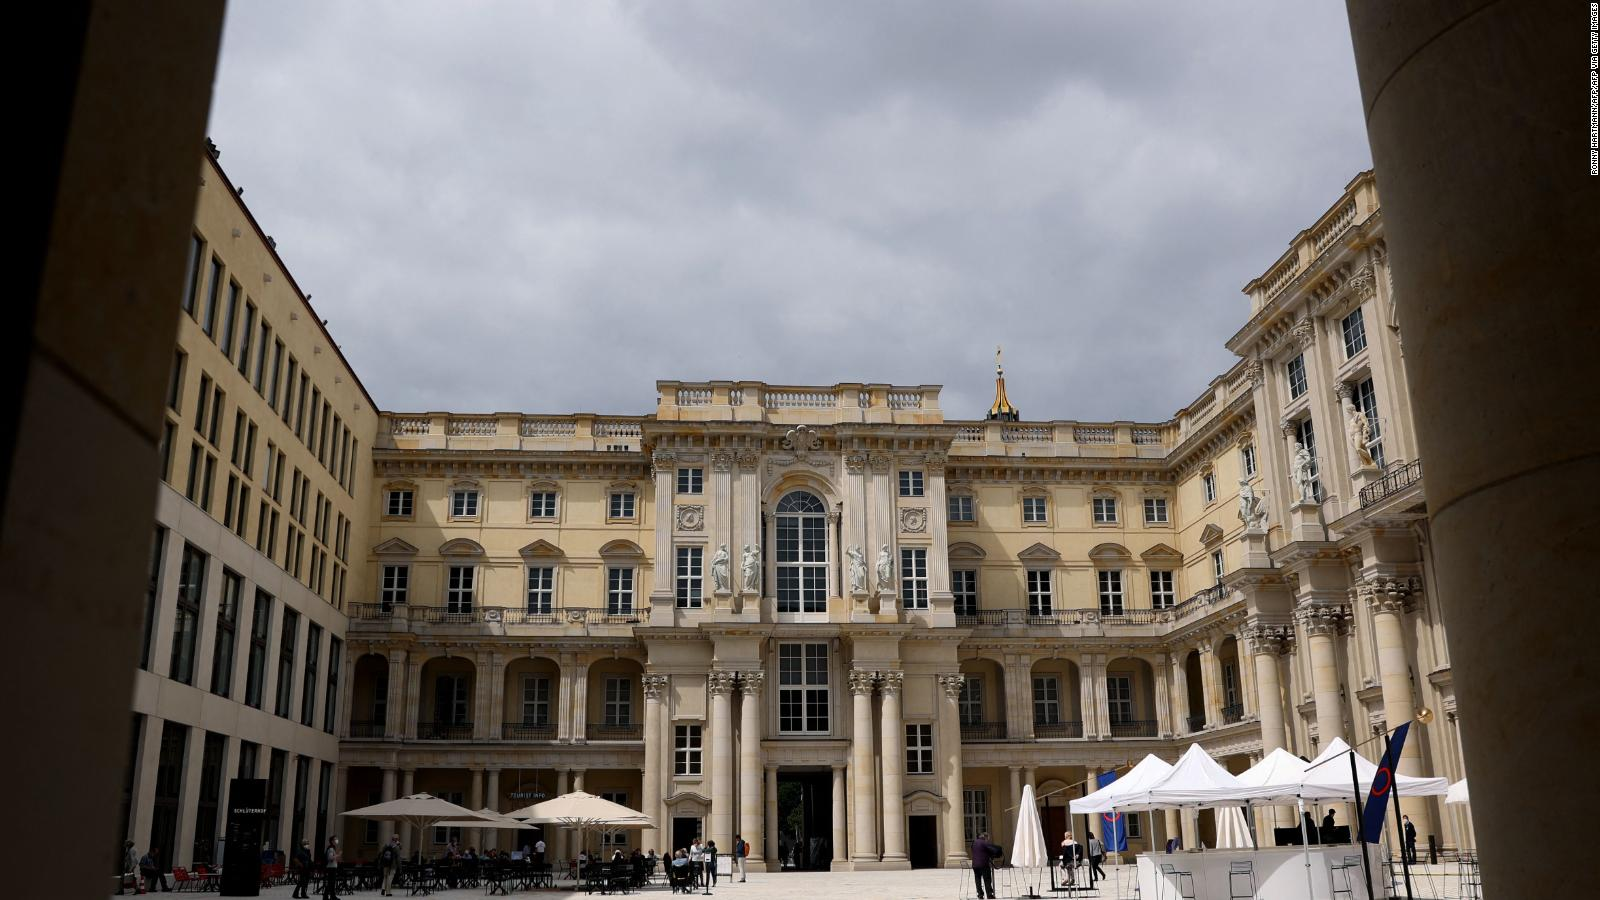 Finalizó la espera: el Foro Humboldt, antes el antiguo palacio real de Berlín, abre sus puertas